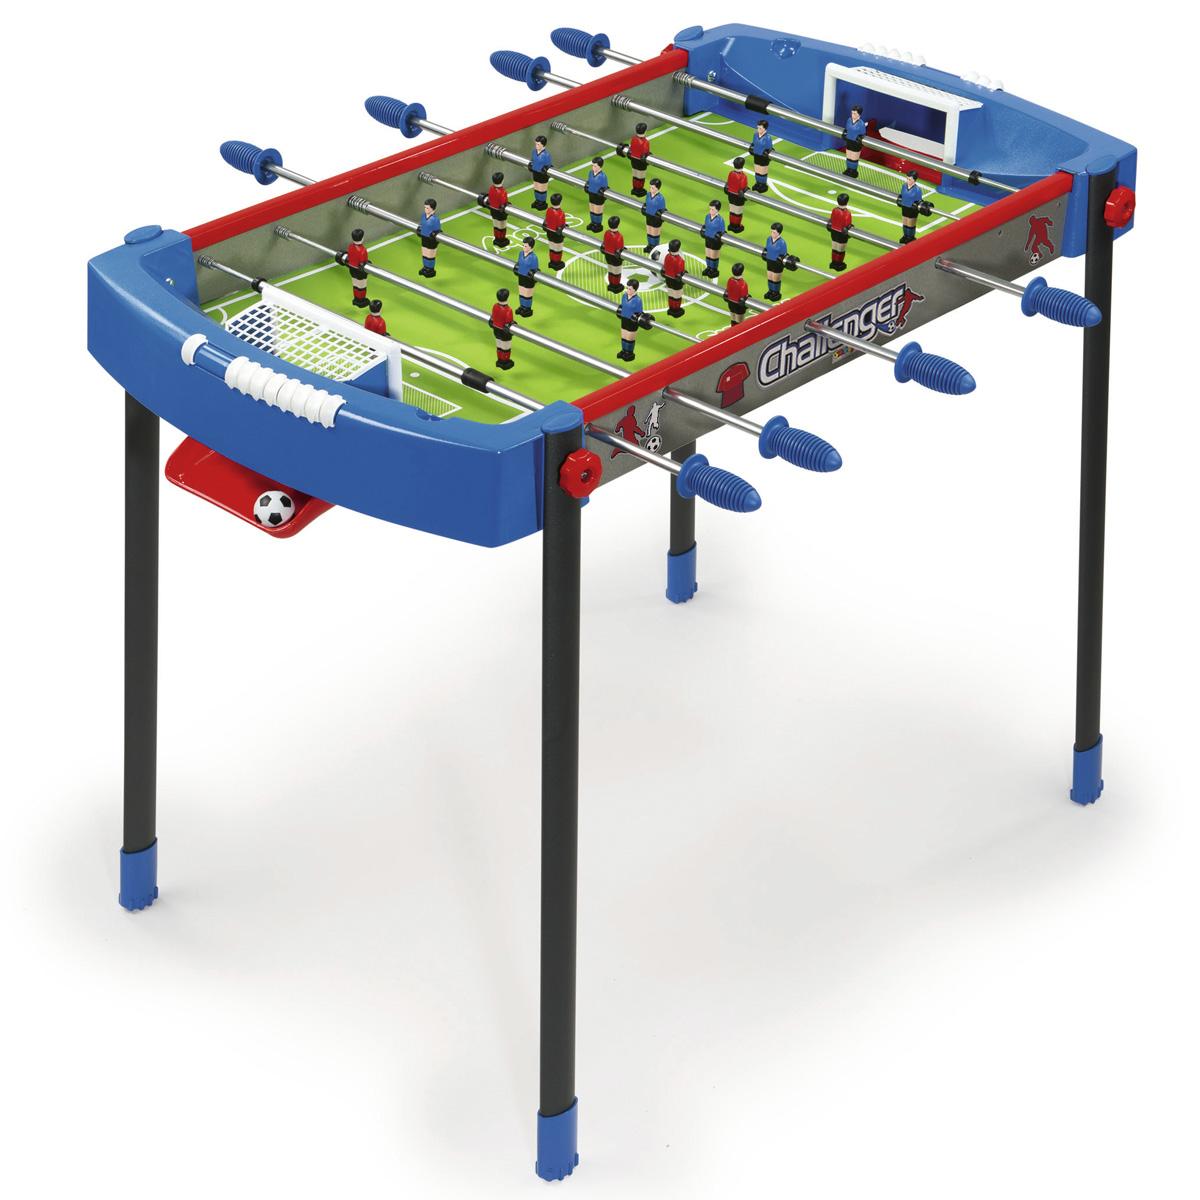 OZON.ru620200Футбольный стол Challenger raquo из спортивной серии Masters - размеры 106х69х74 см (длина, ширина, высота). Предназначен для детей от 6-и лет. Изготовлен из упрочнённого пластика и металла. В комплекте 2 пластиковых мяча.